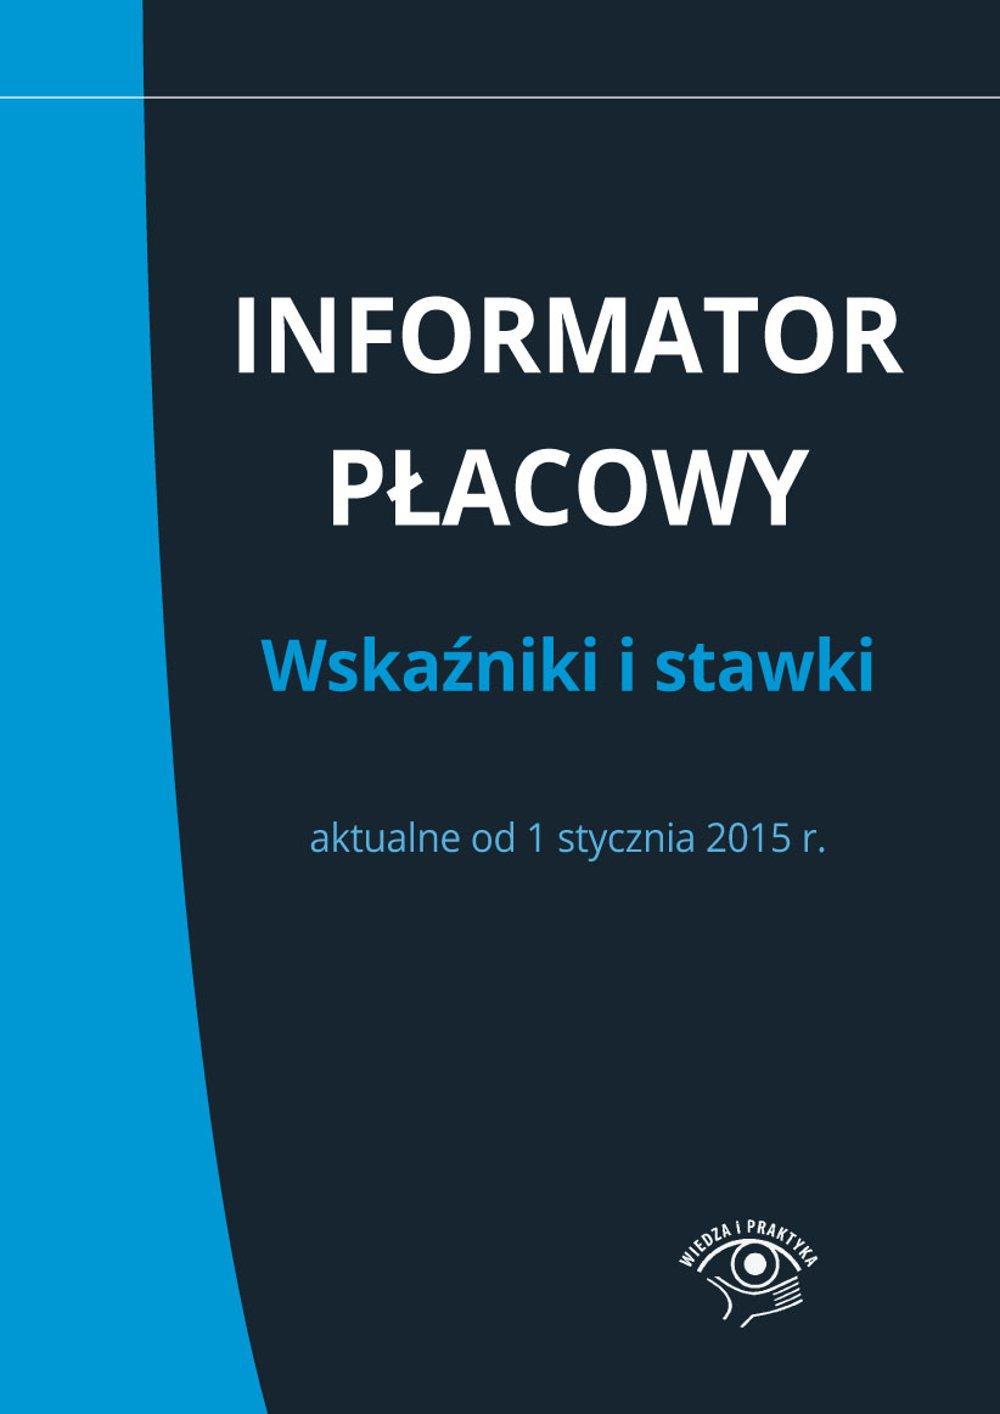 Informator płacowy. Wskaźniki i stawki aktualne od 1 stycznia 2015 r. - Ebook (Książka na Kindle) do pobrania w formacie MOBI